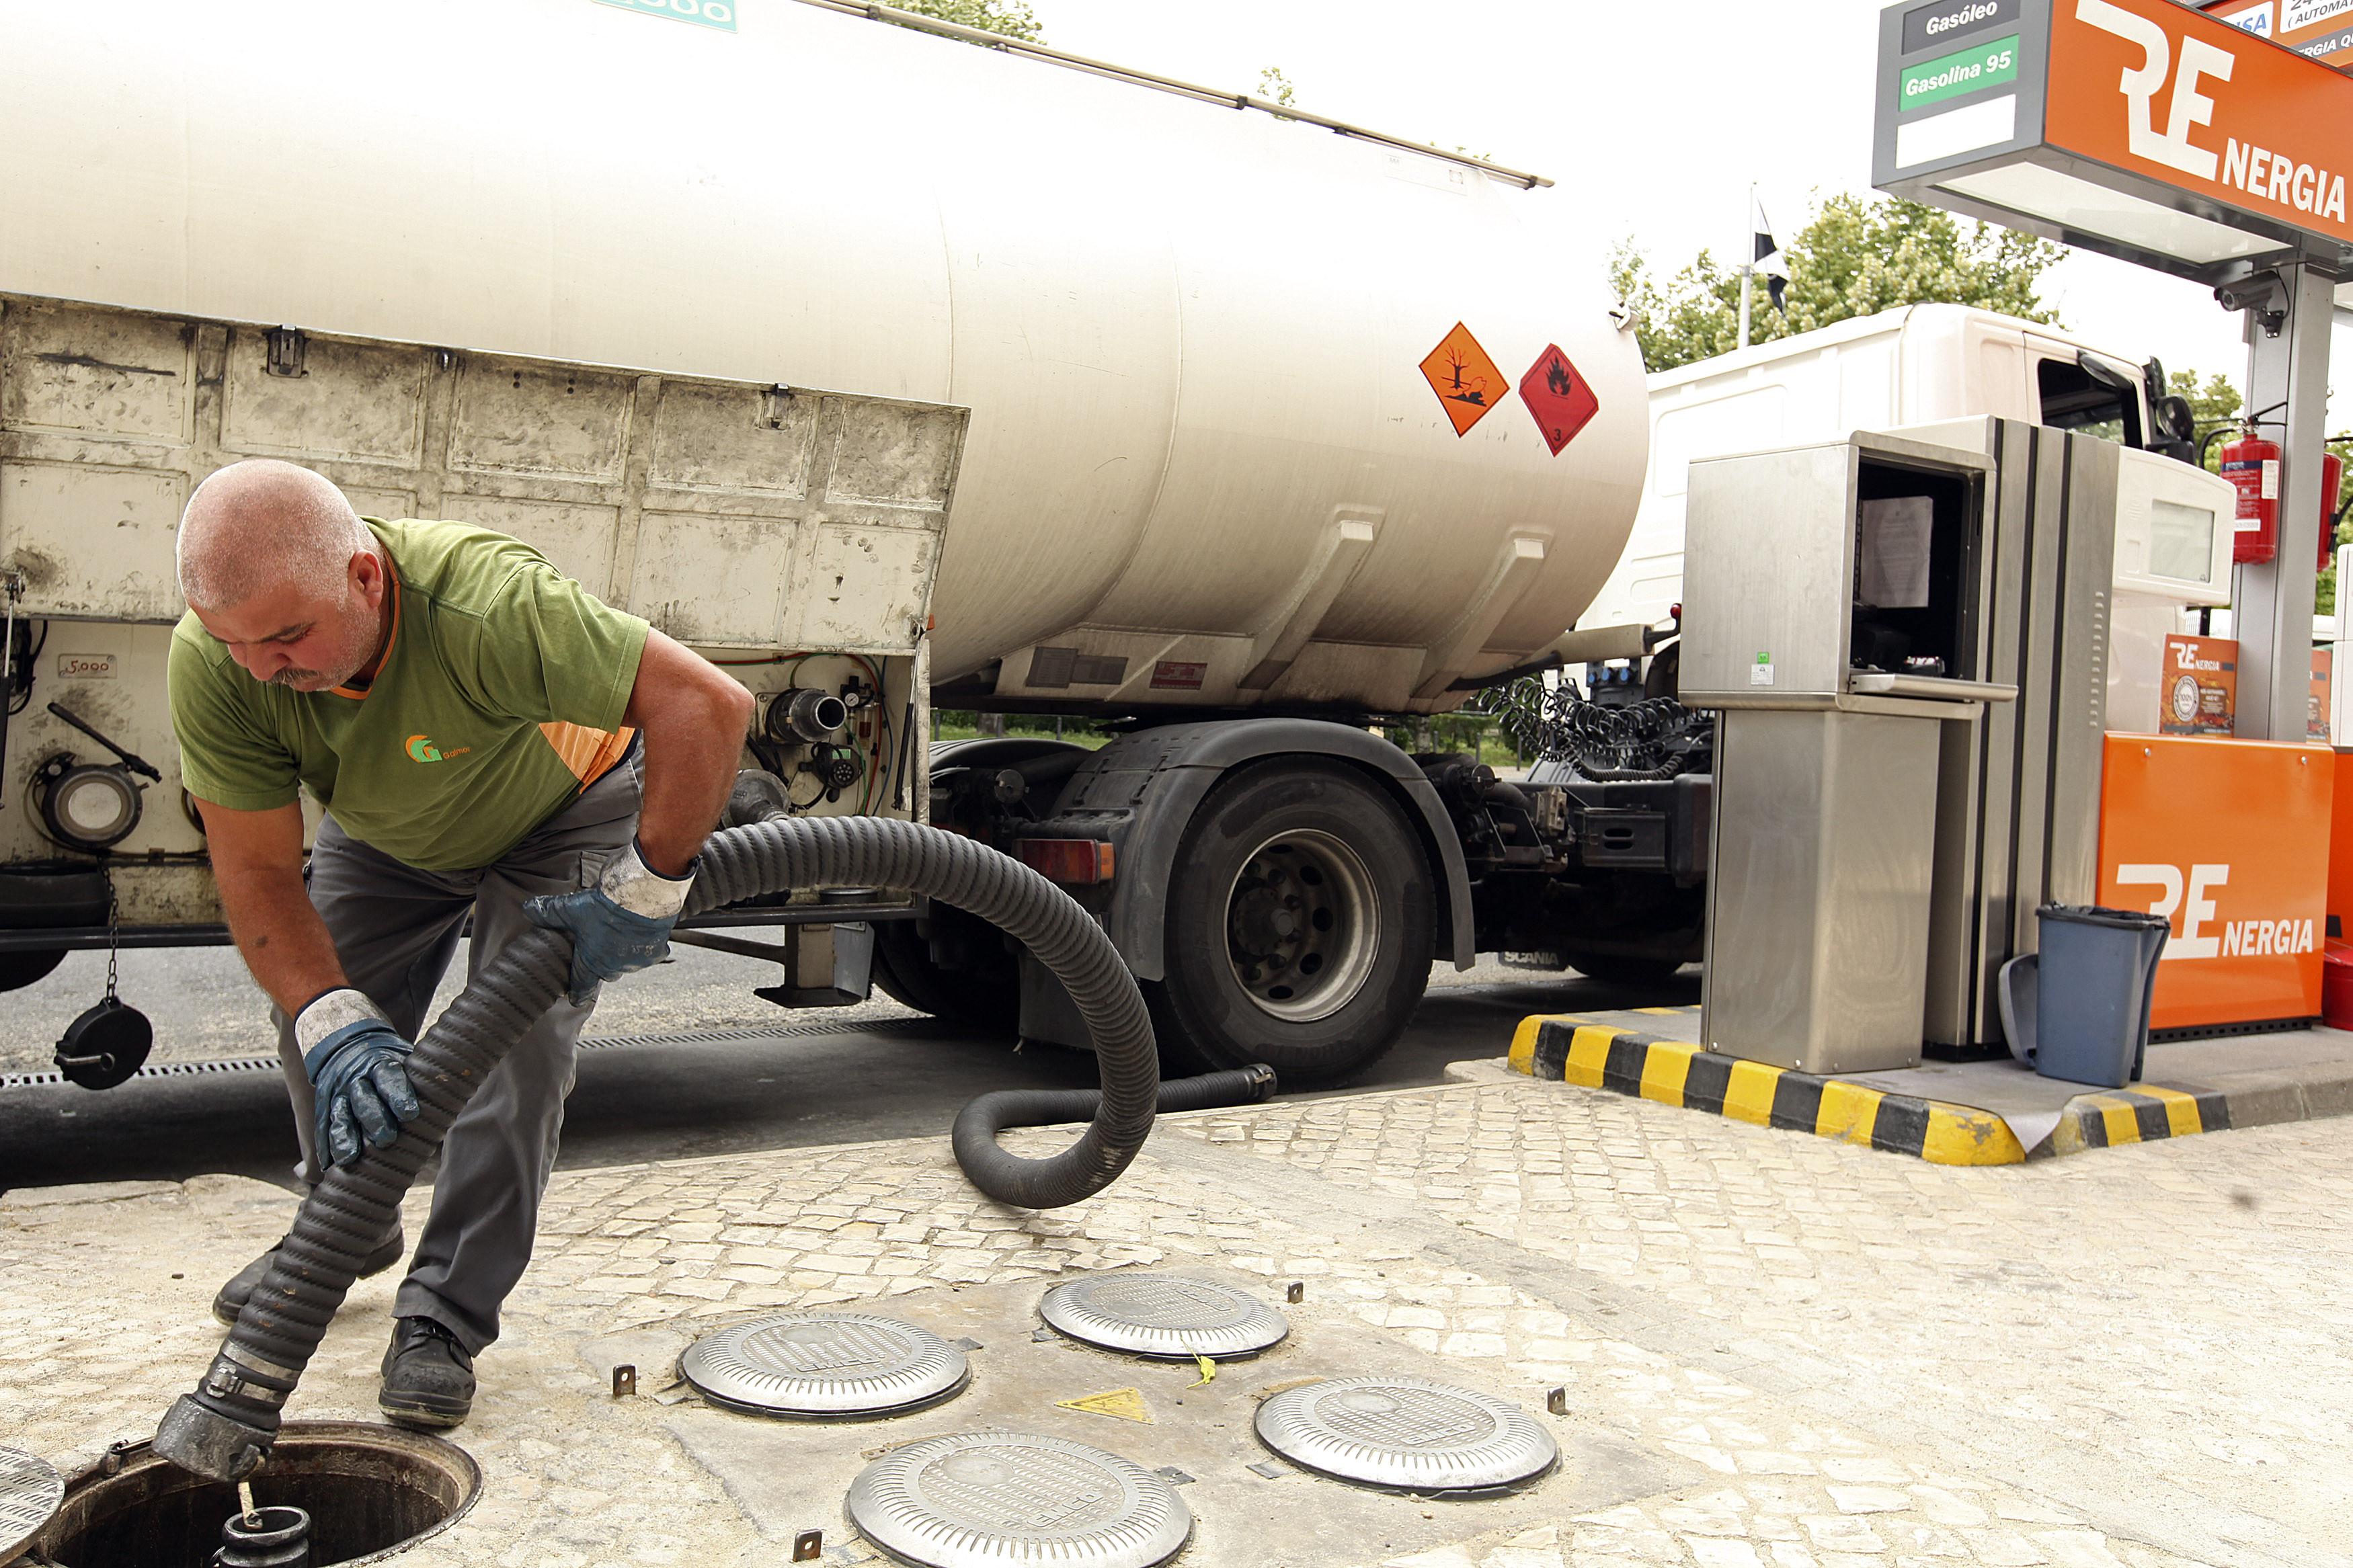 Publicada portaria de requisição civil de motoristas em greve